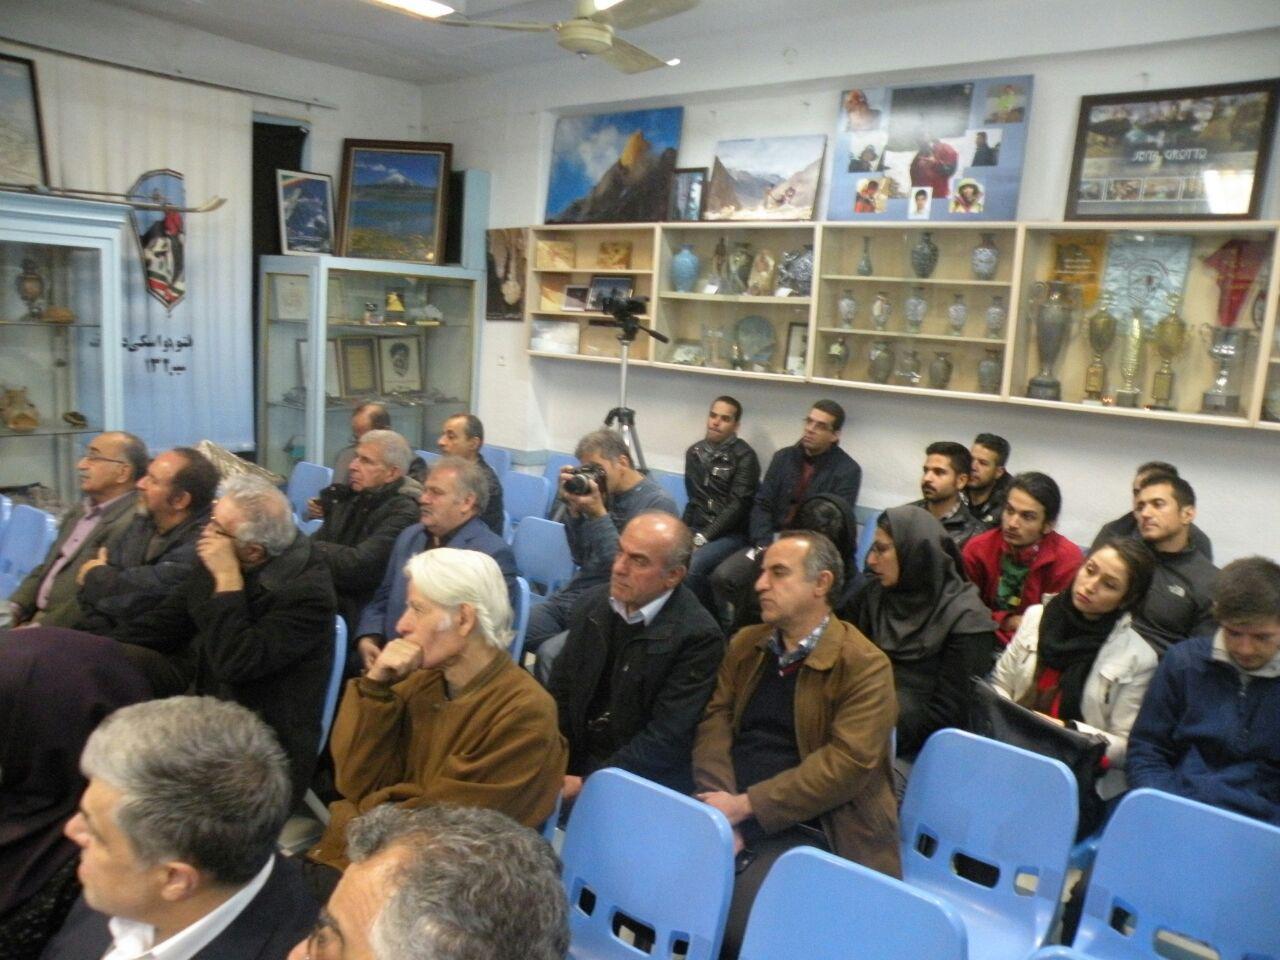 برنامه نشست هفتگی دوشنبه ۲۹ خرداد : دوگزارش برنامه از اعضای آموزشی